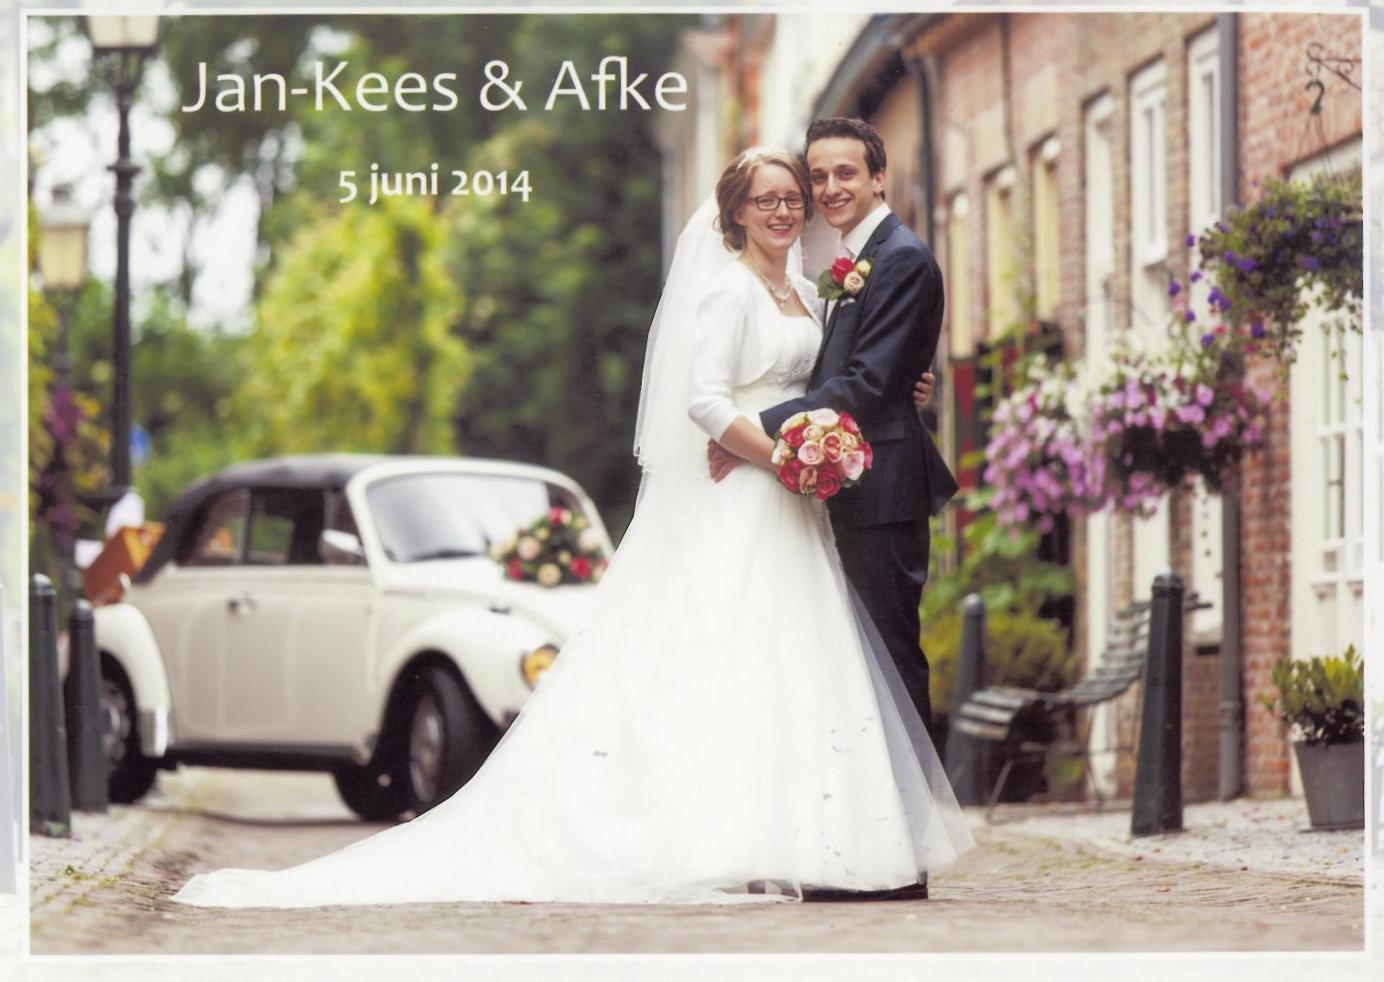 Bruidspaar Jan-Kees & Afke van den Berge (05-06-2014)